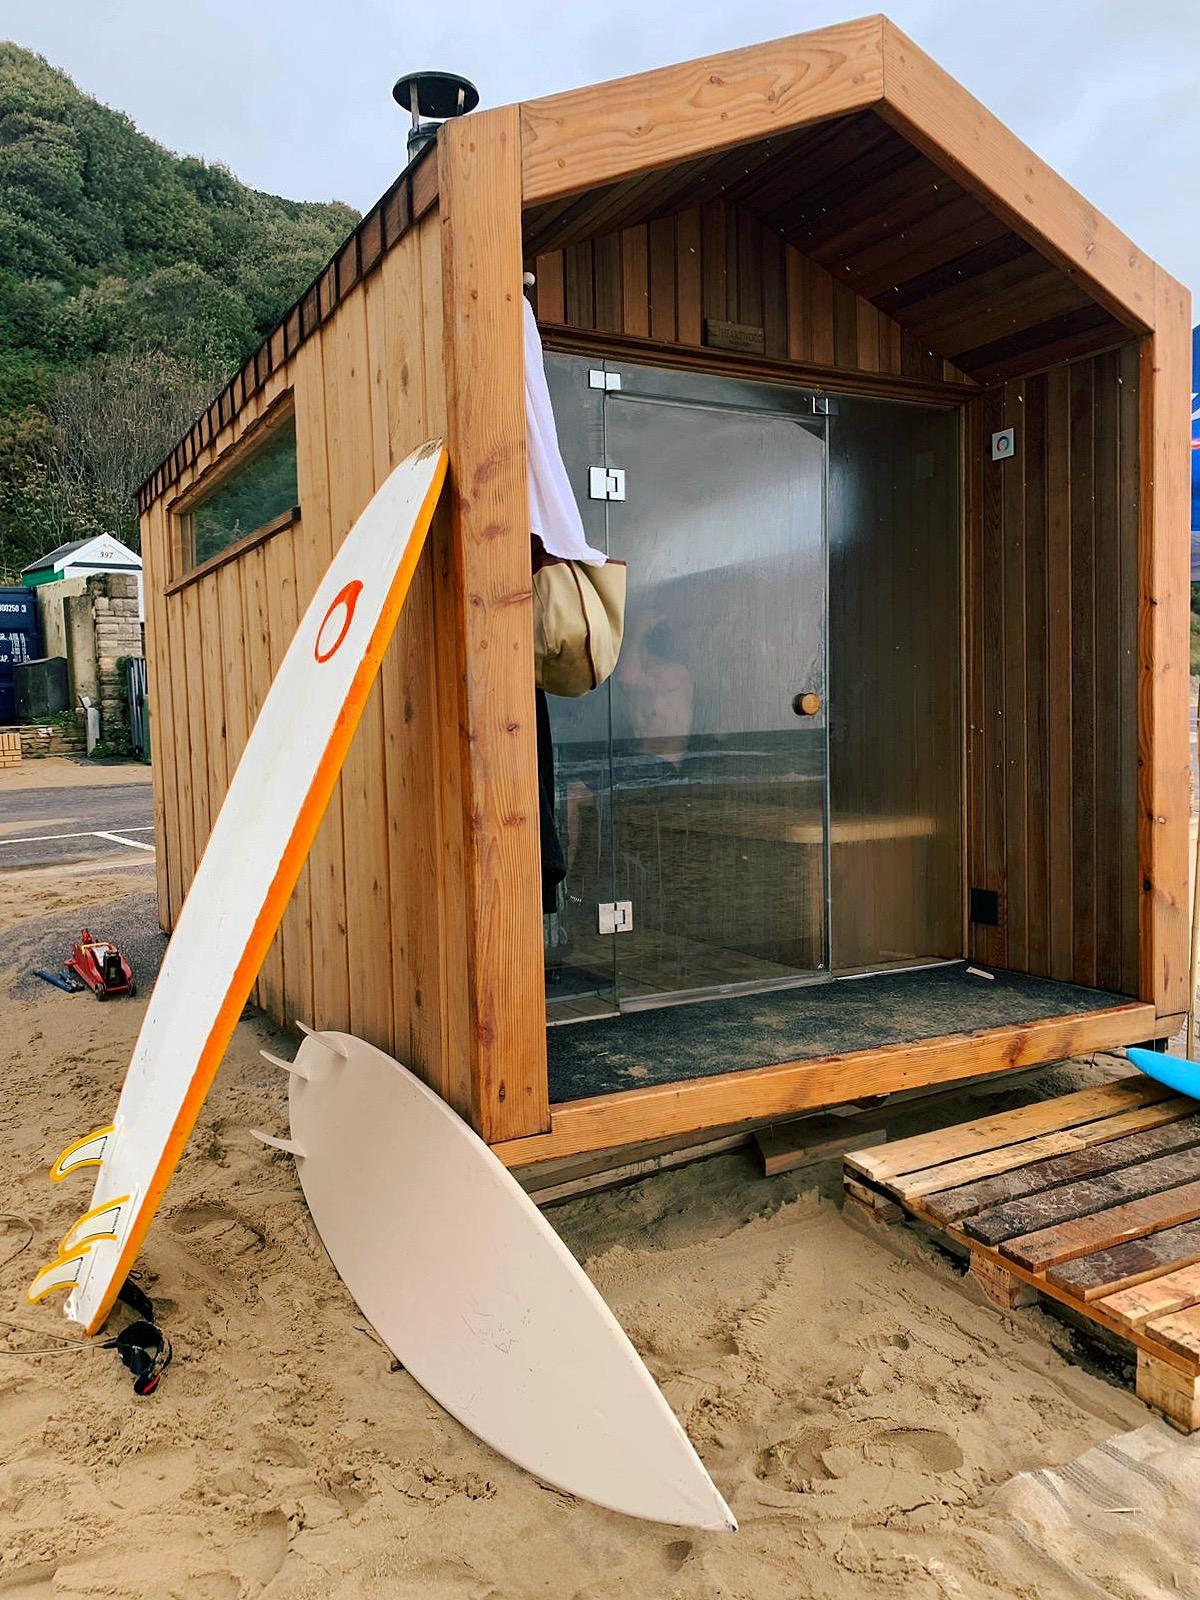 Swim, surf, sauna